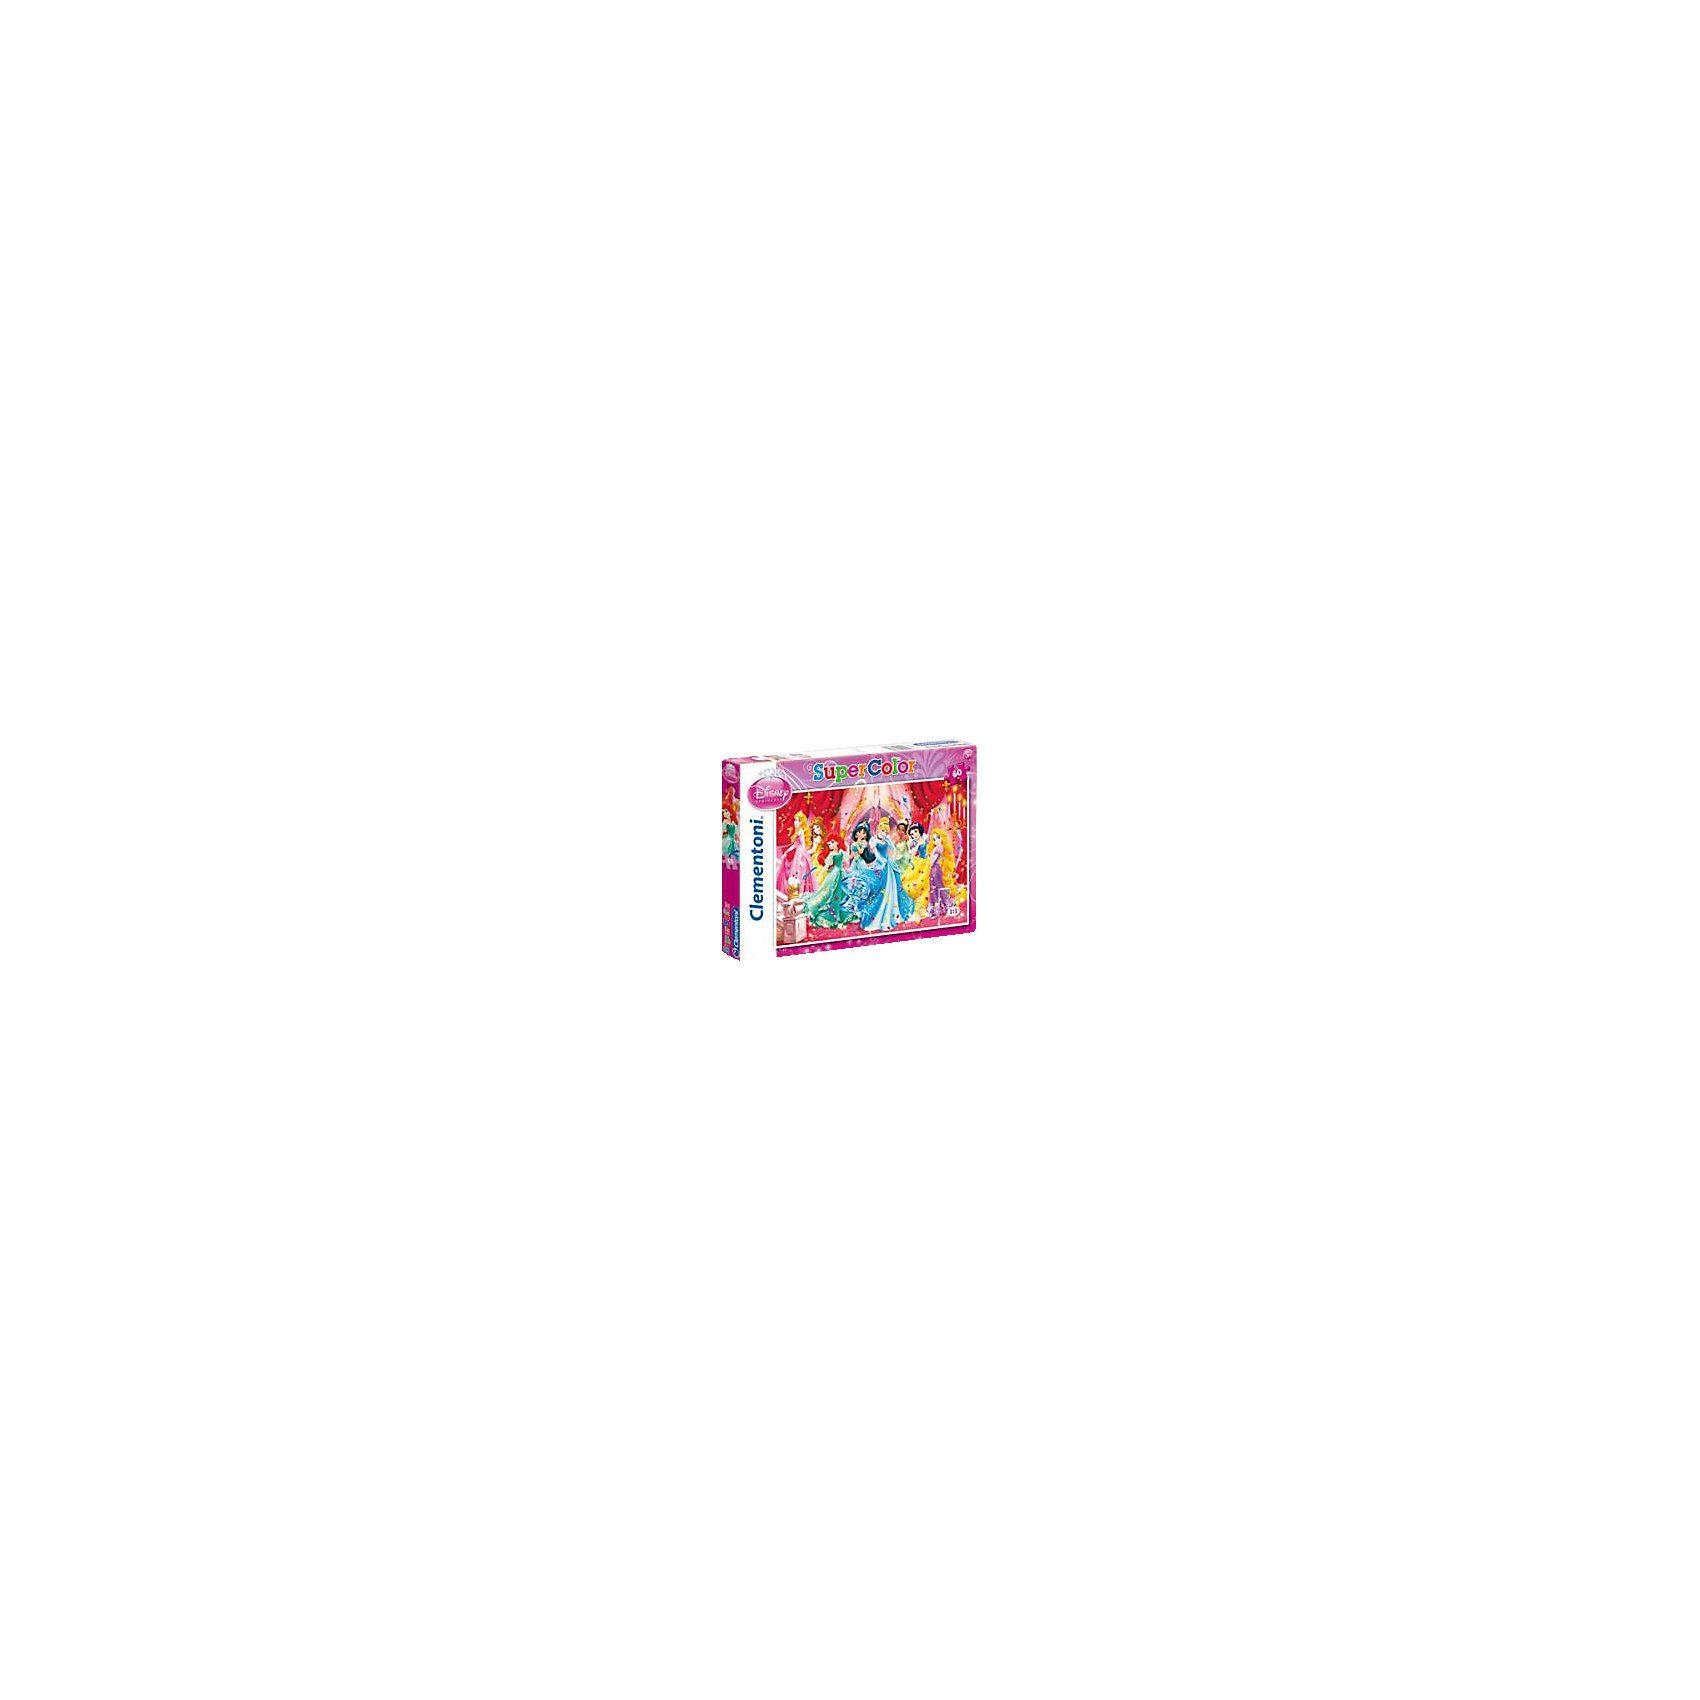 Clementoni Puzzle 250 Teile - Princess: the Dance